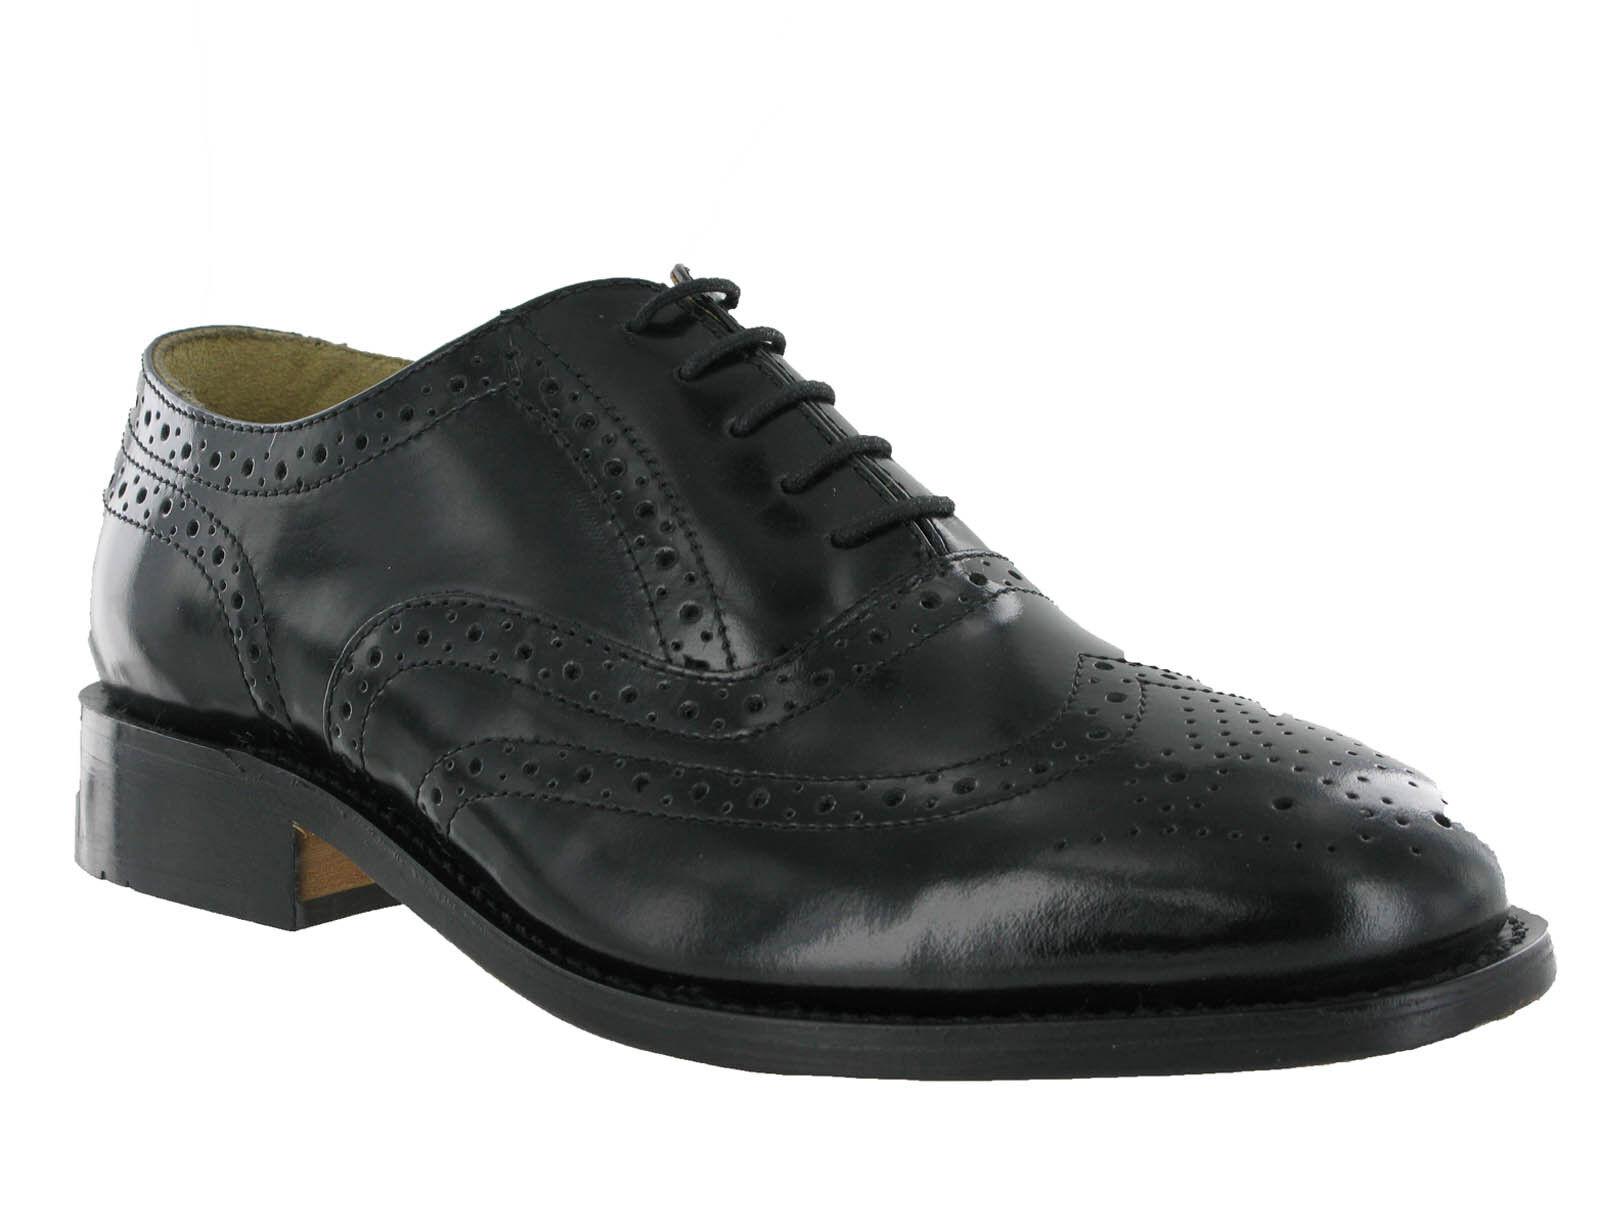 In pelle nera Kensington CALATA Formali Eleganti Nozze Abito da uomo Tg  Scarpe classiche da uomo